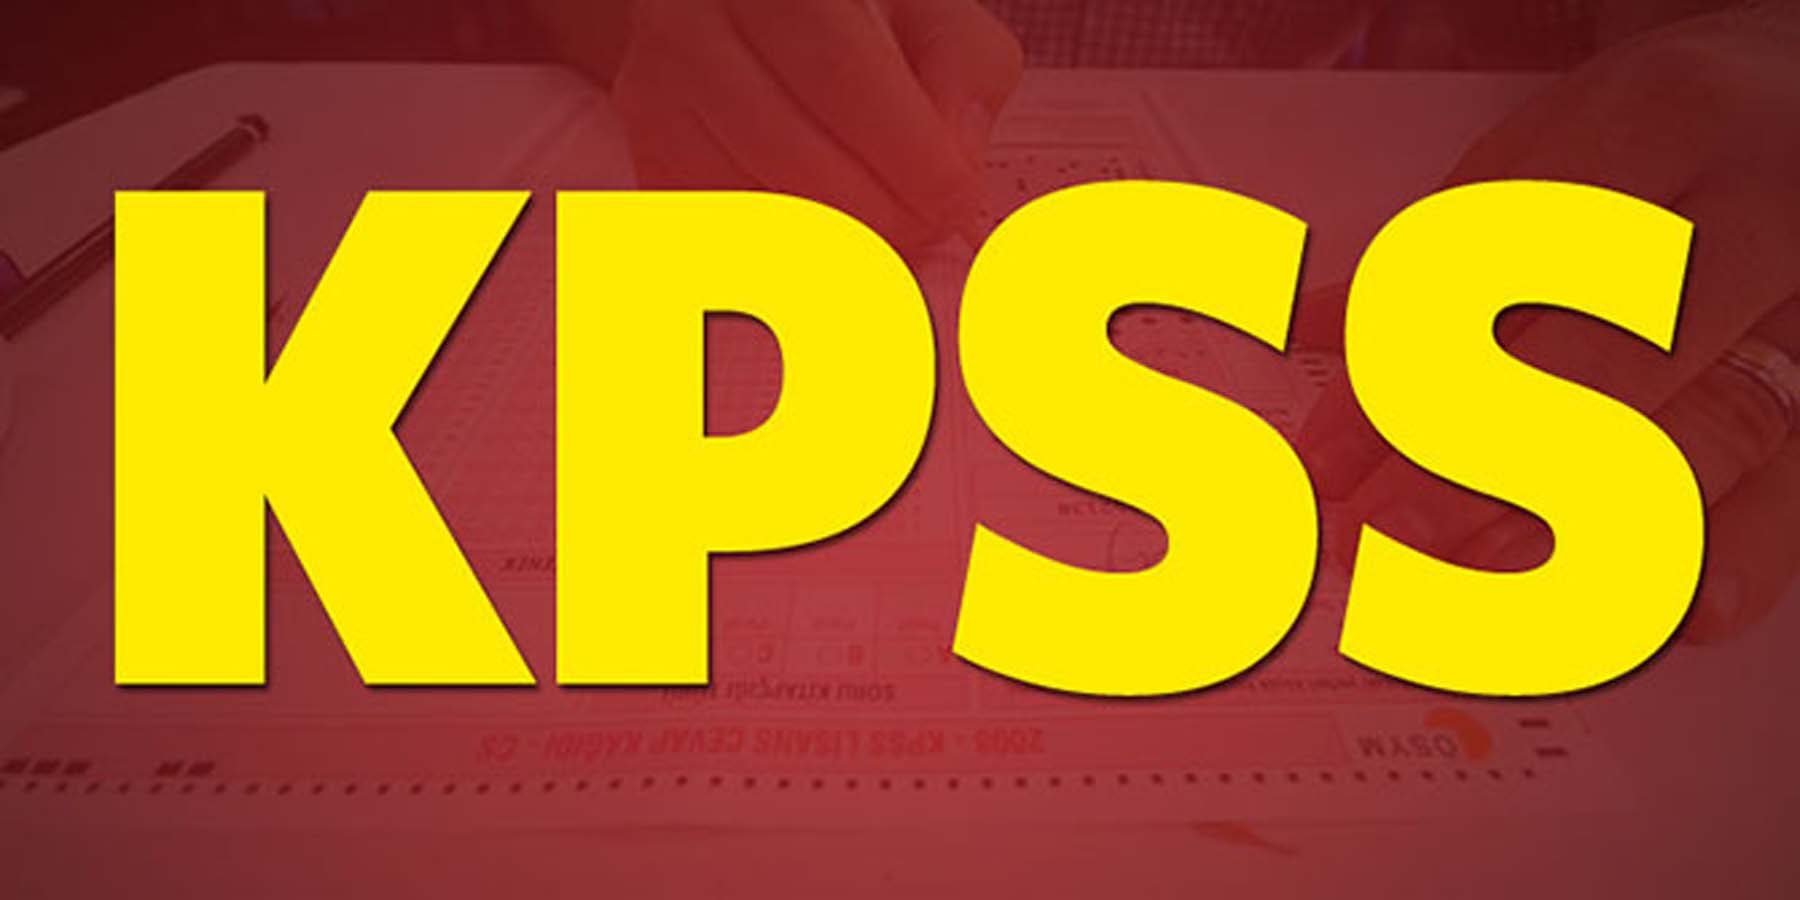 KPSS Lisans Başvurularında Son Gün